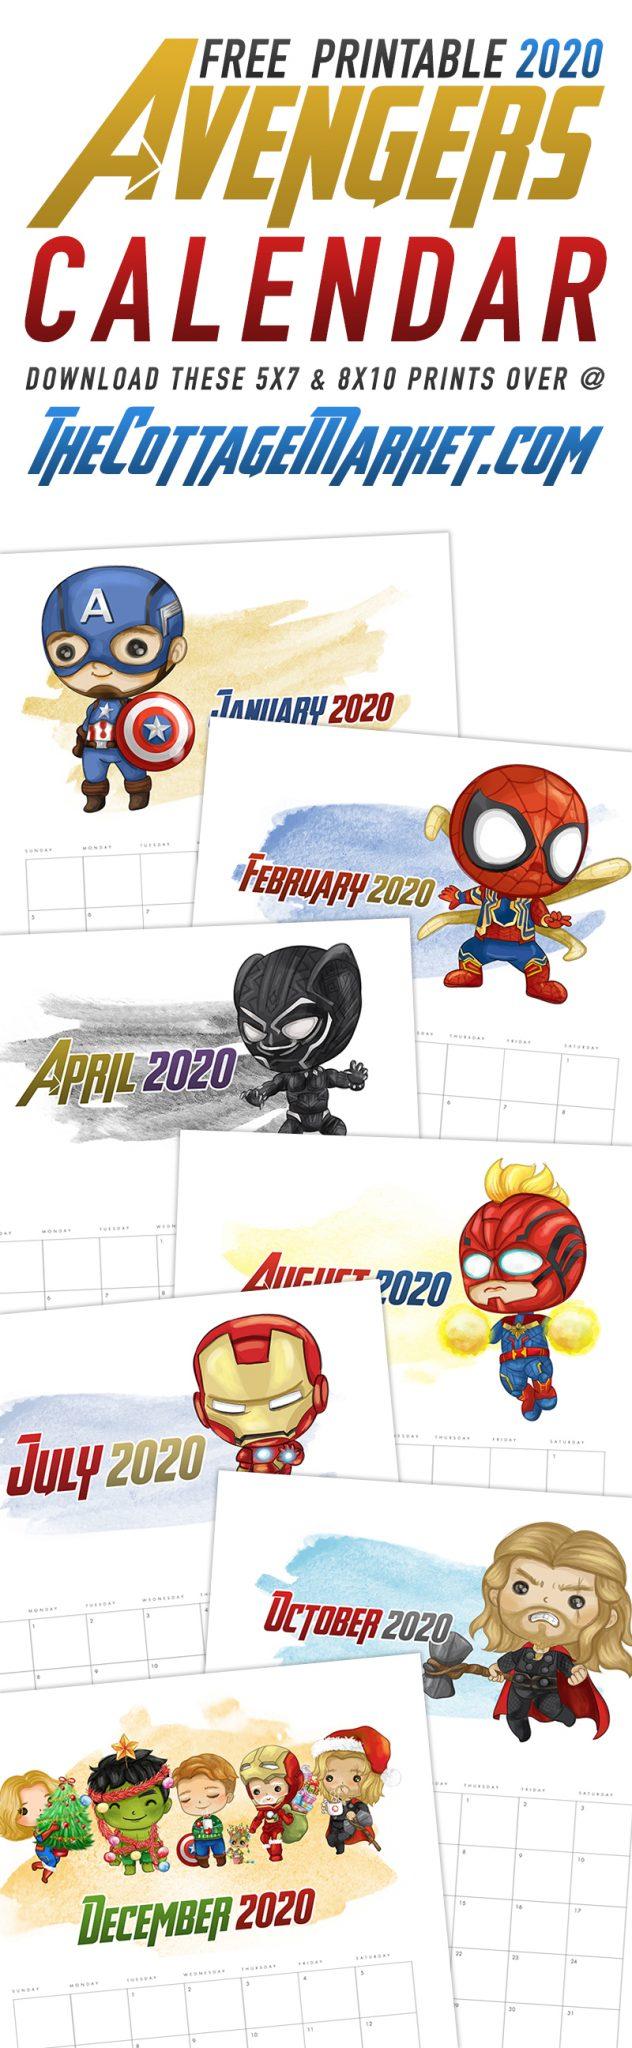 https://thecottagemarket.com/wp-content/uploads/2019/11/TCM-Avengers-Calendar-2020-t-1.jpg